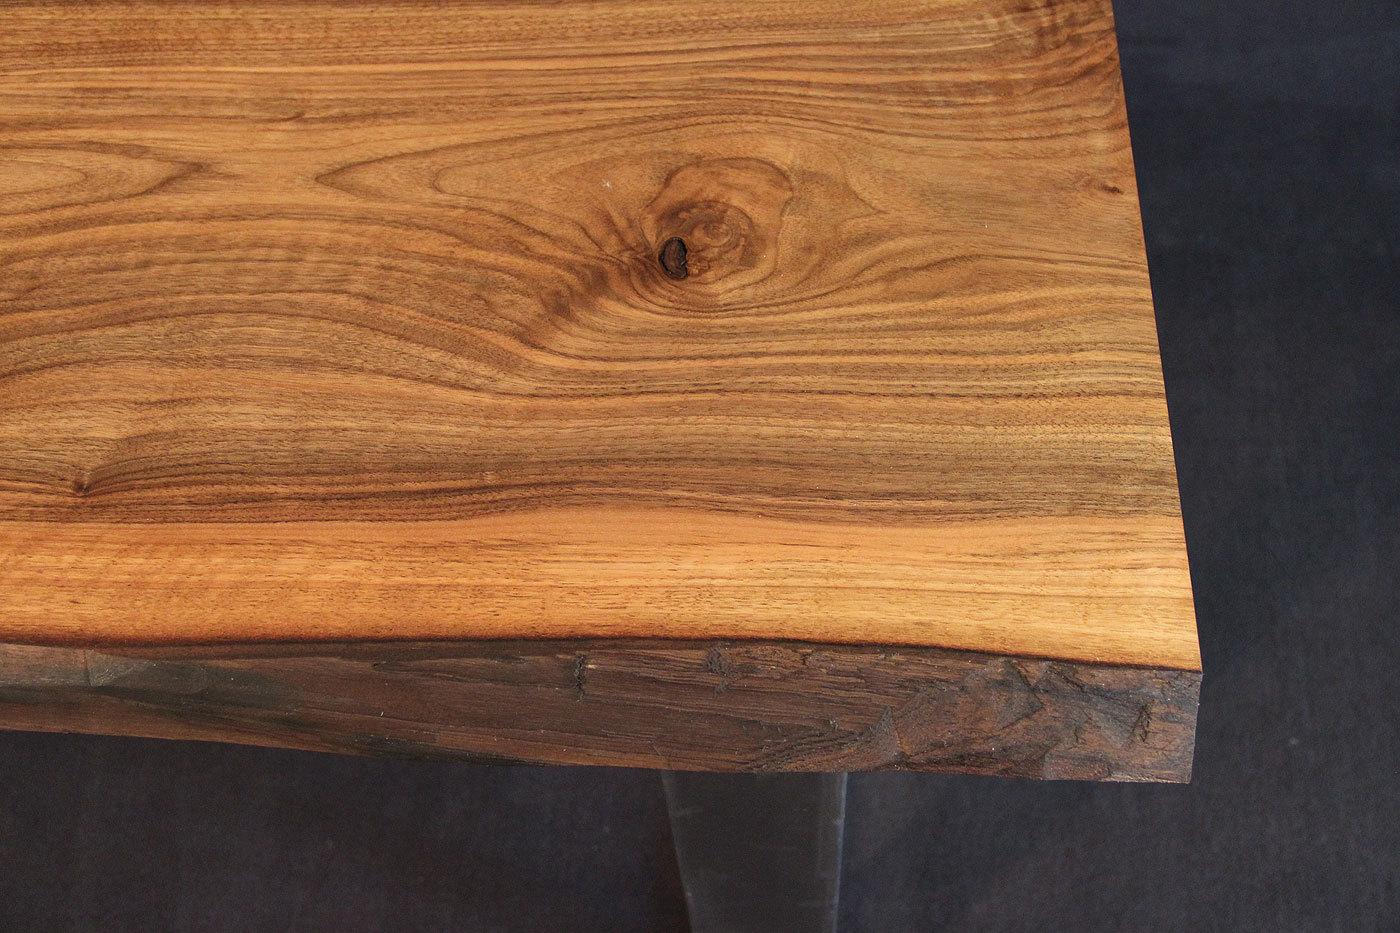 Tischplatte Massivholz Baumkante ~ Tischplatte mit Baumkante Massivholz Kaukasischer Nussbaum AB mit